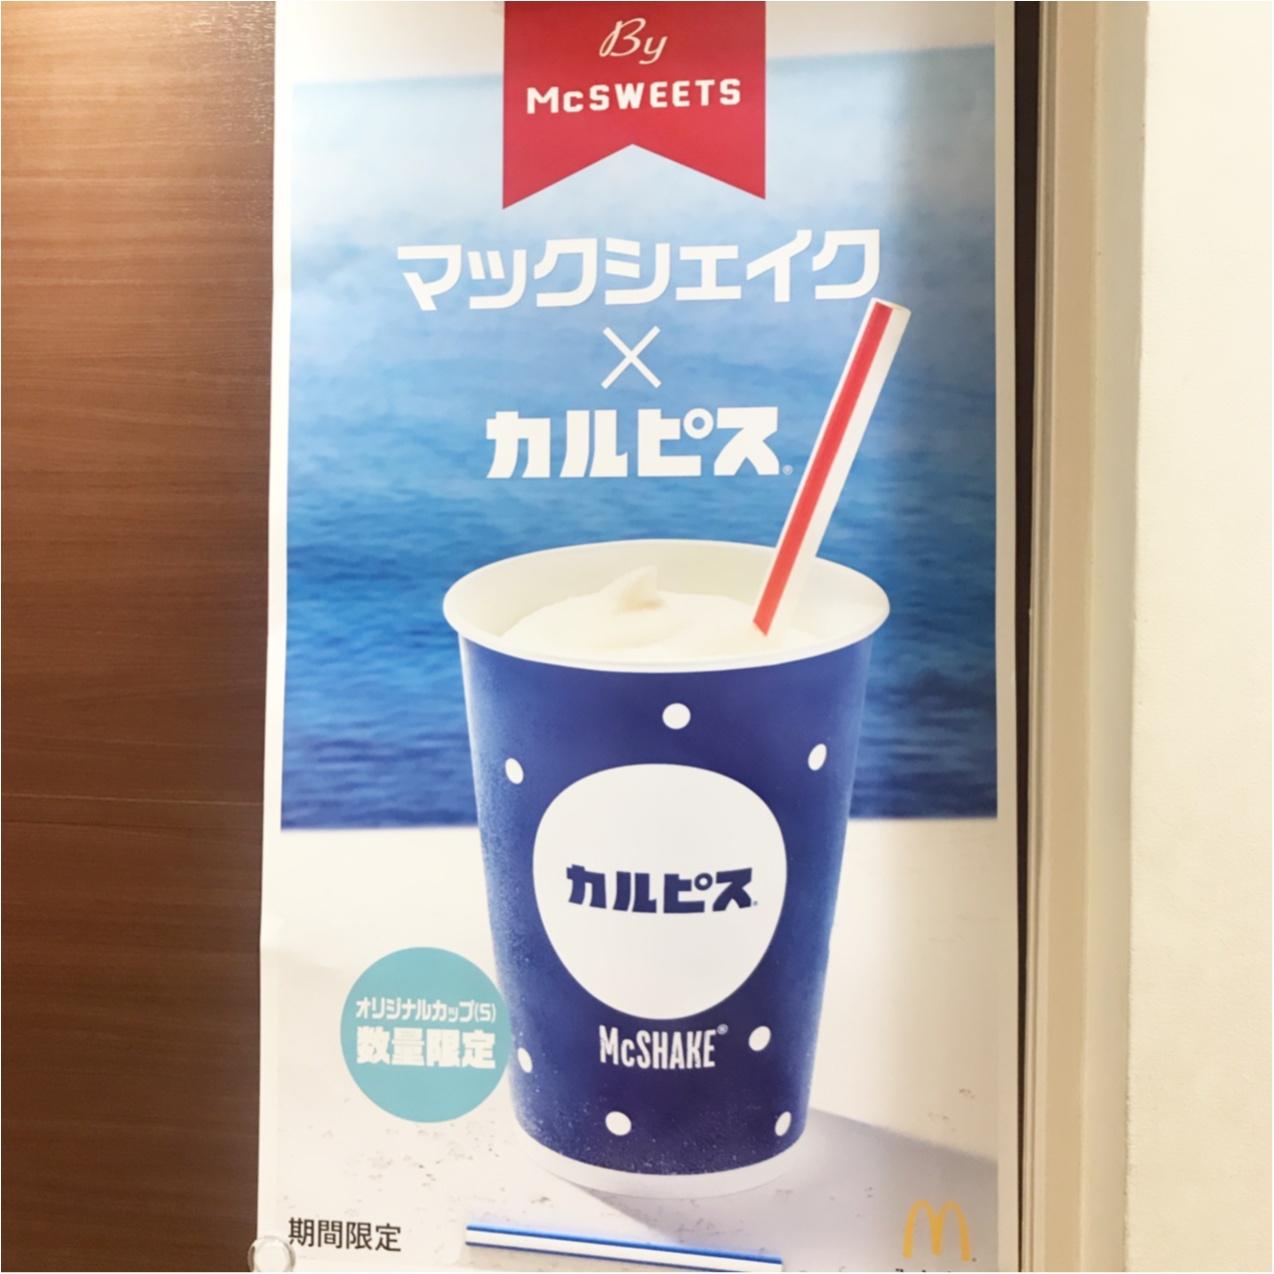 【期間限定】カップも可愛い♡ 《マックシェイク × カルピス》もう飲んだ?_1